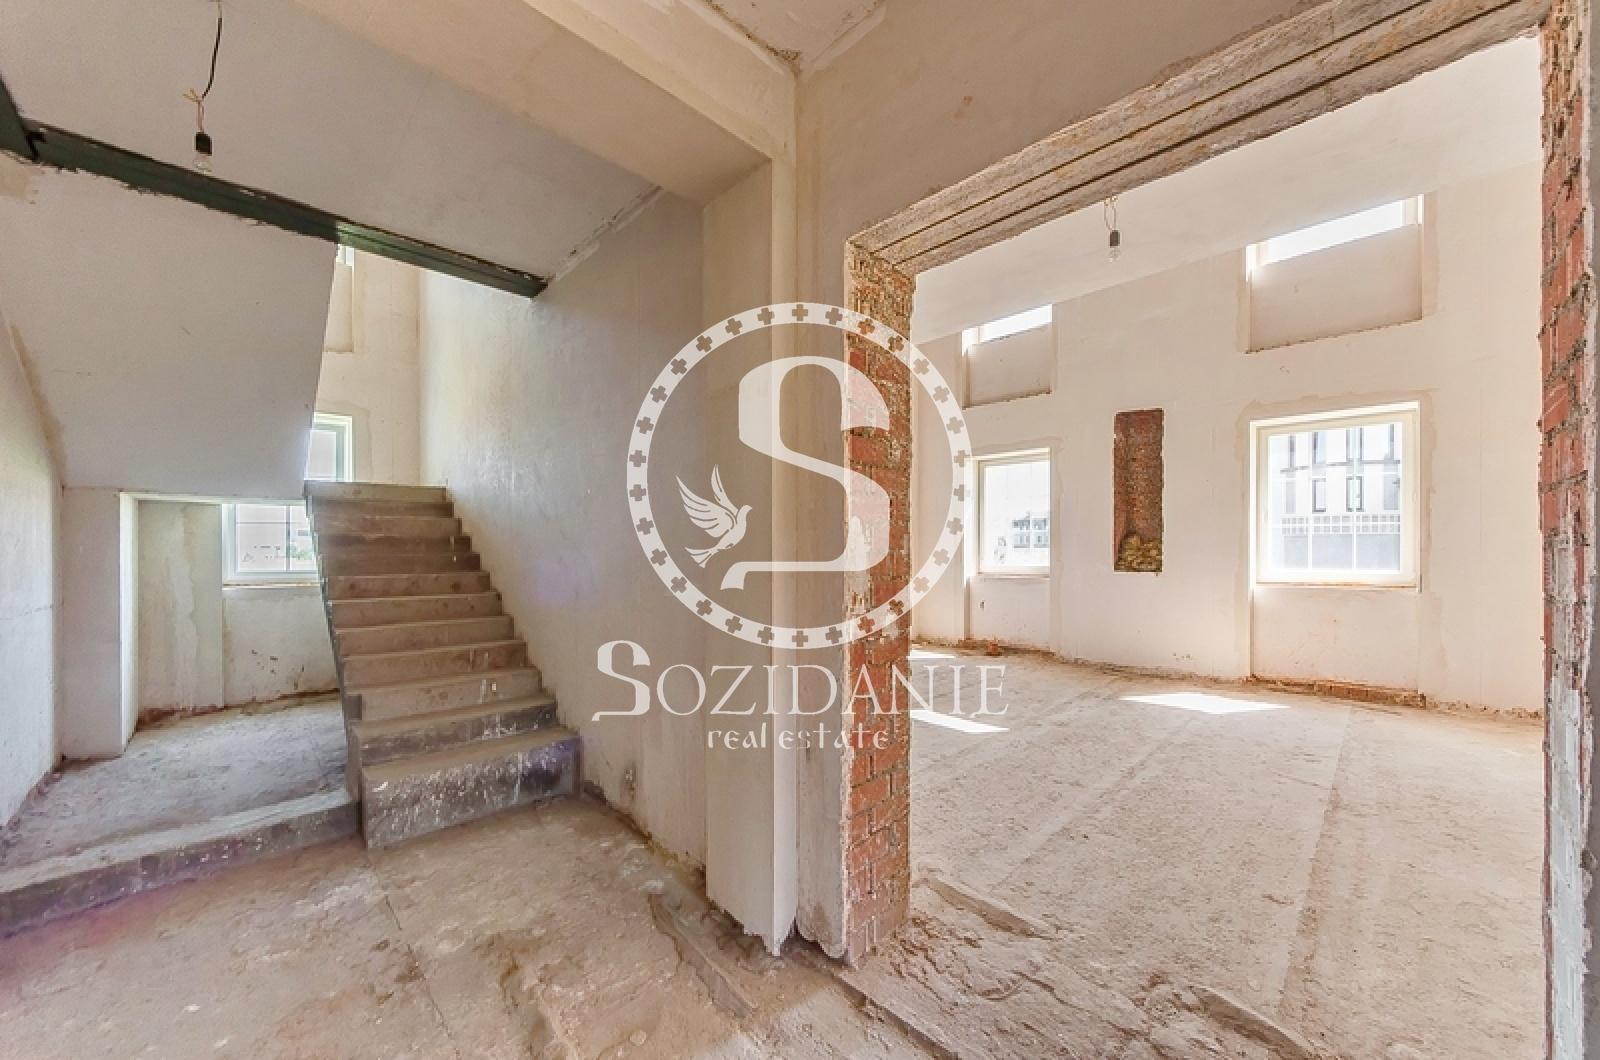 4 Bedrooms, Загородная, Продажа, Listing ID 1418, Московская область, Россия,